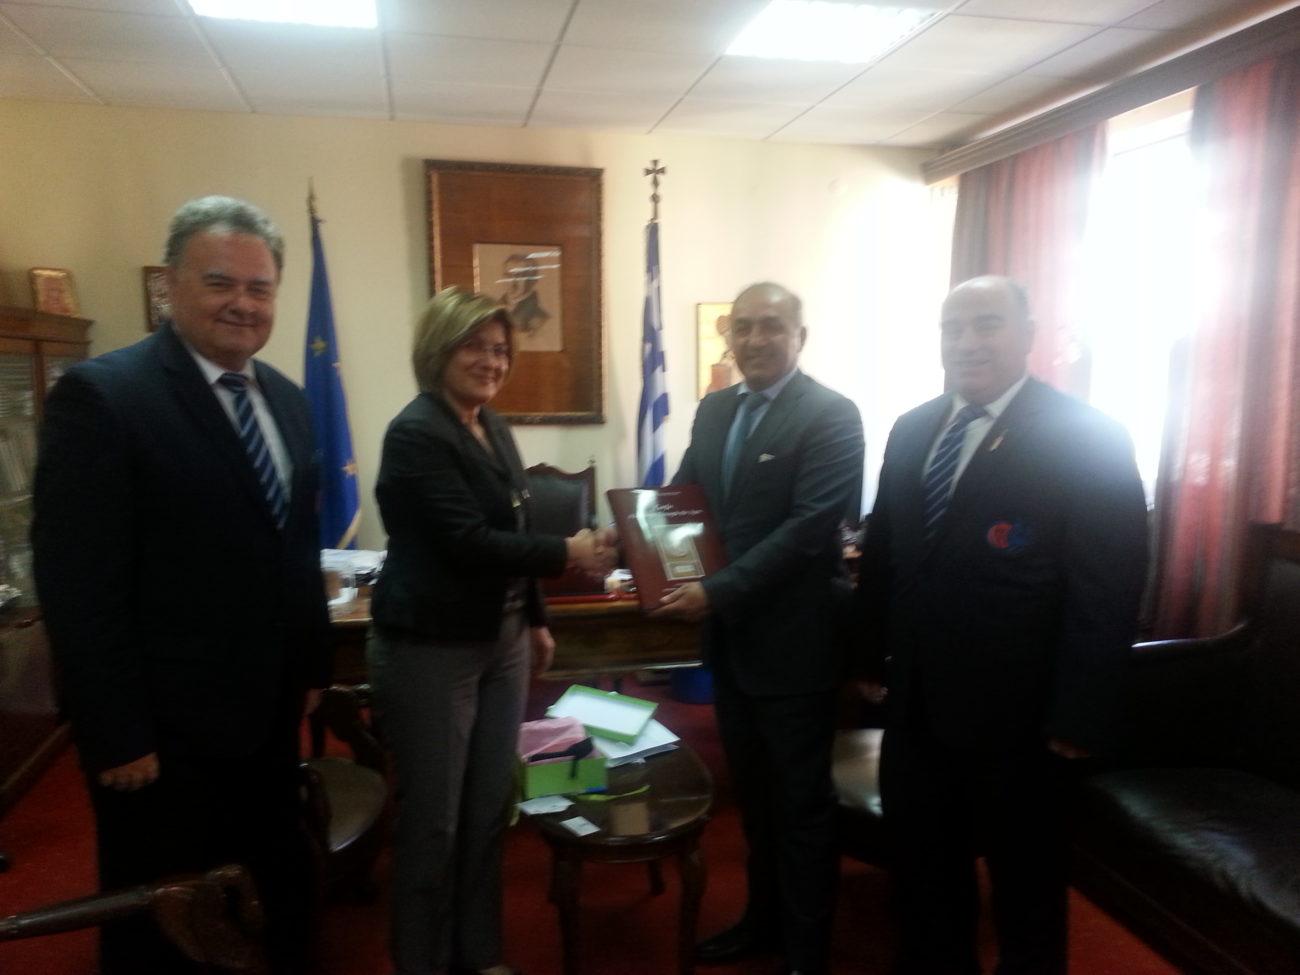 Επίσκεψη Του Πρέσβη Του Πακιστάν Στην Ελλάδα